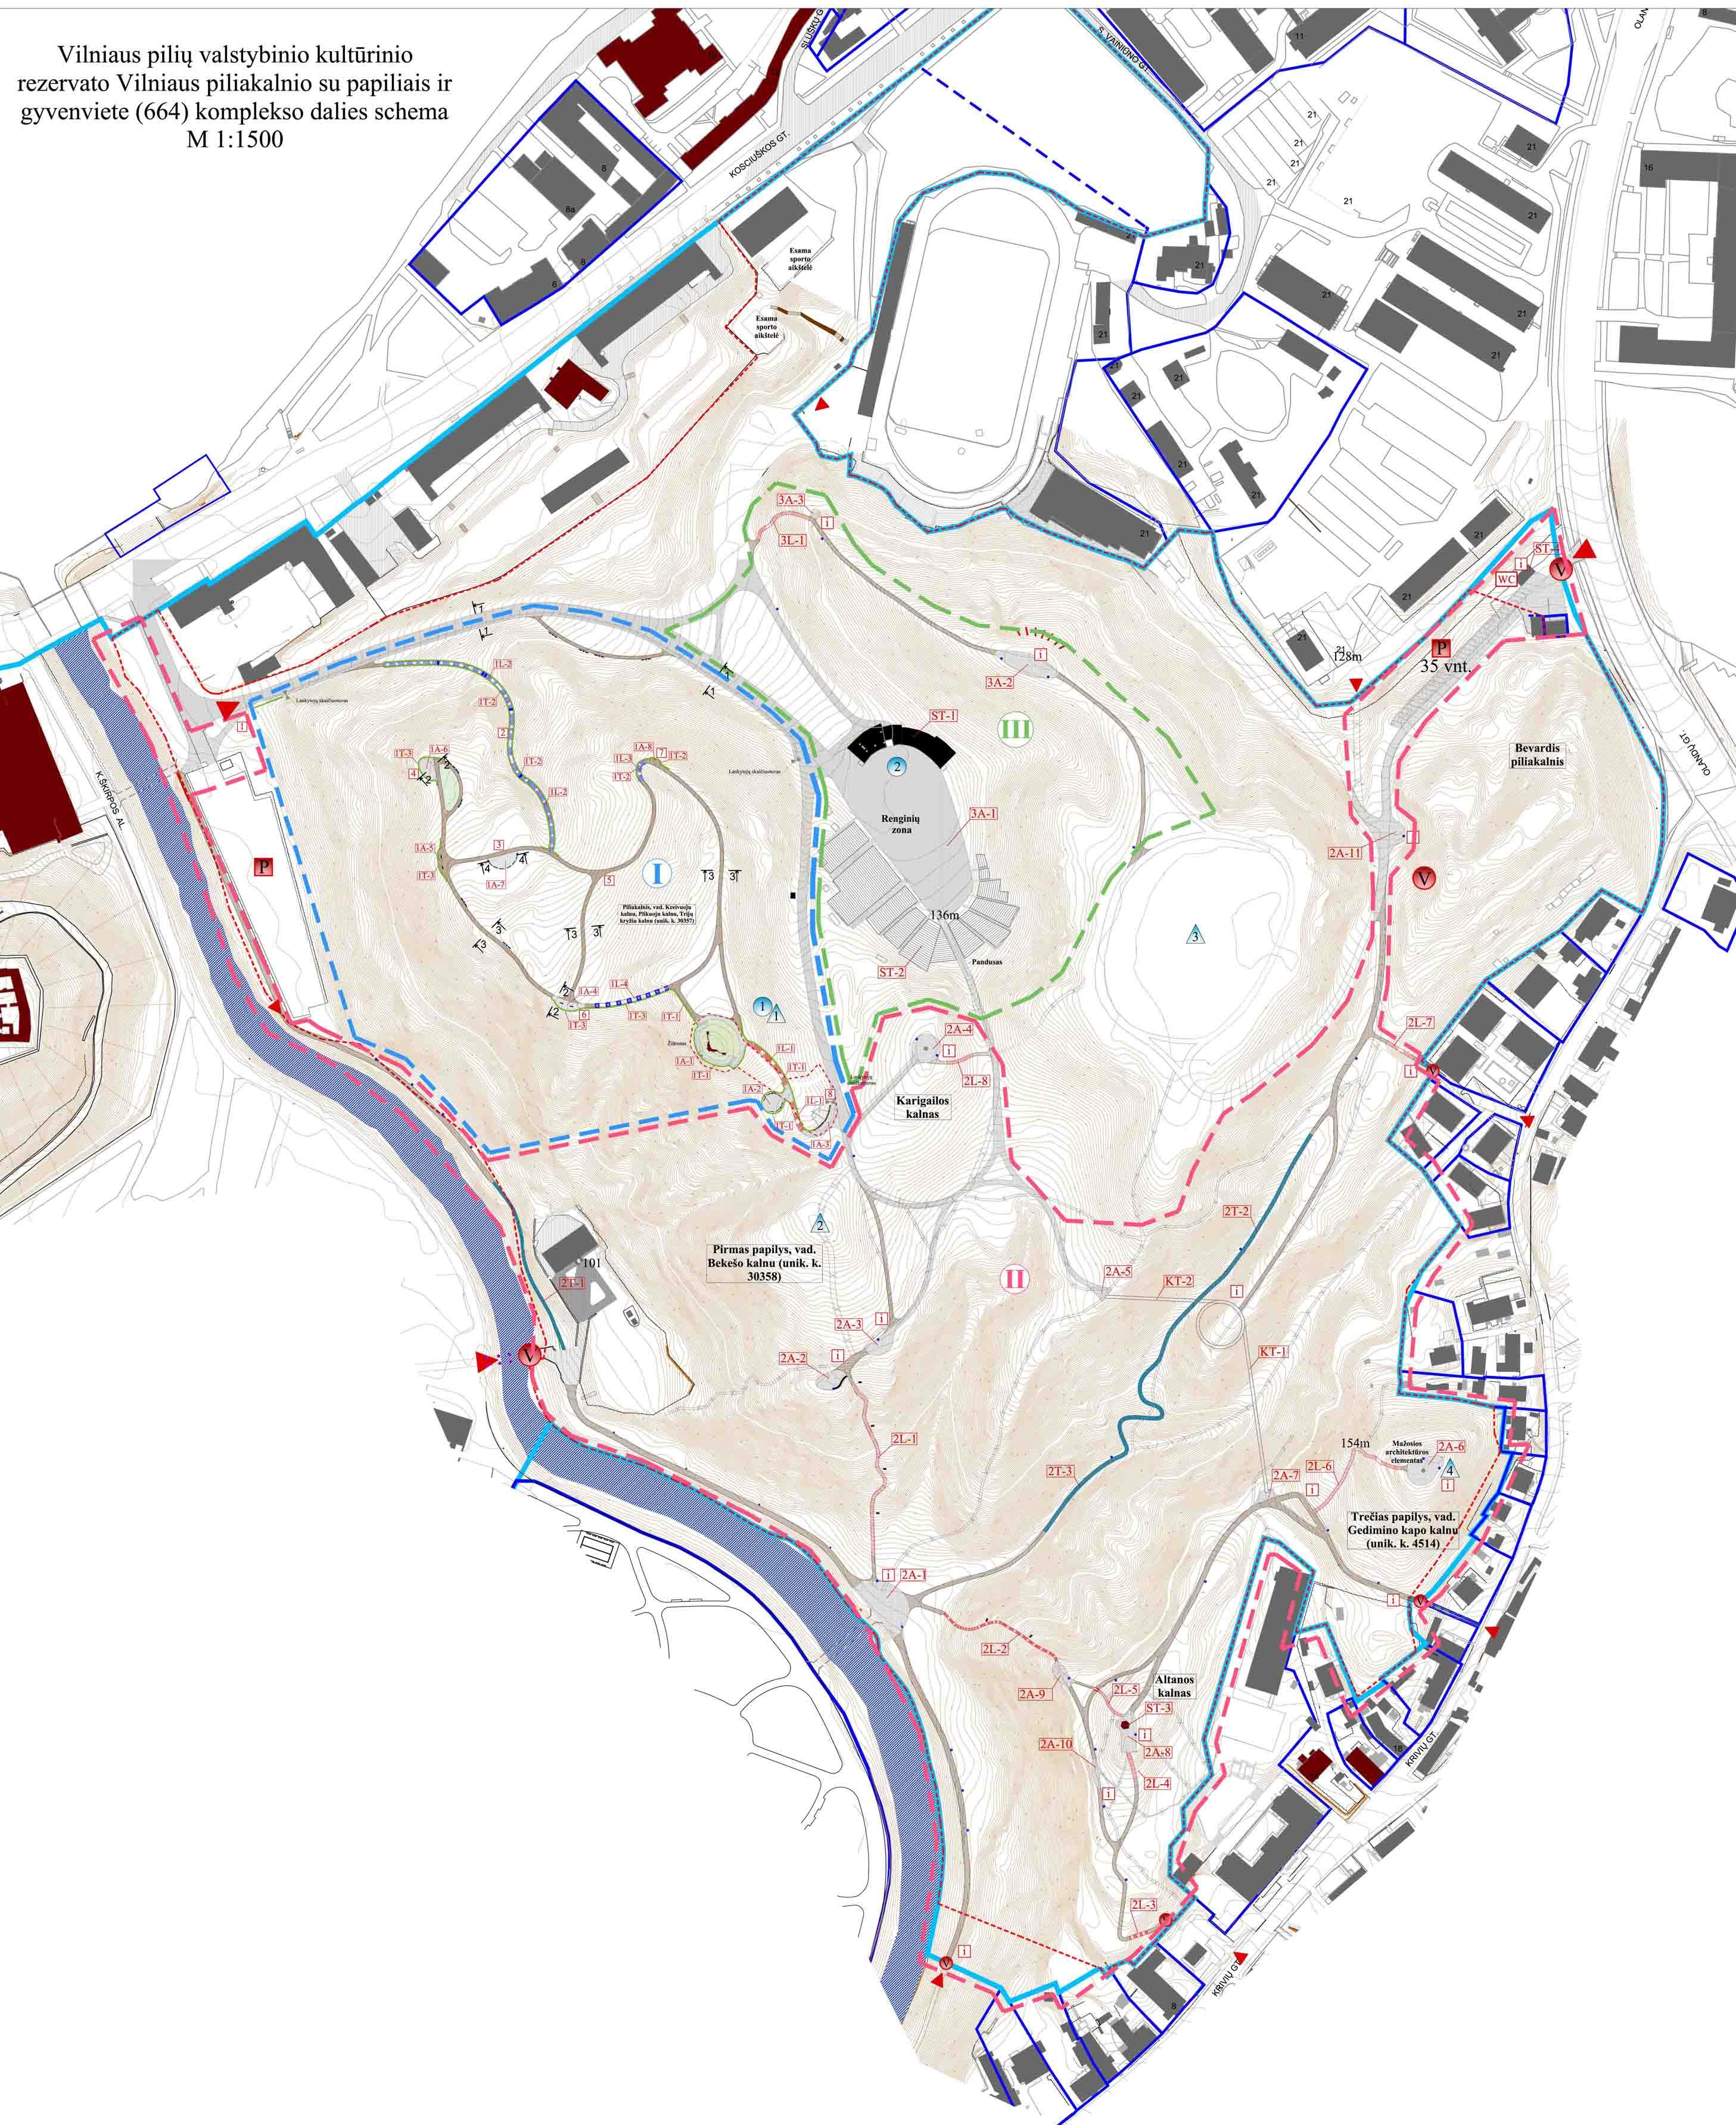 Dalies Kalnų parko schema | Alkas.lt nuotr.